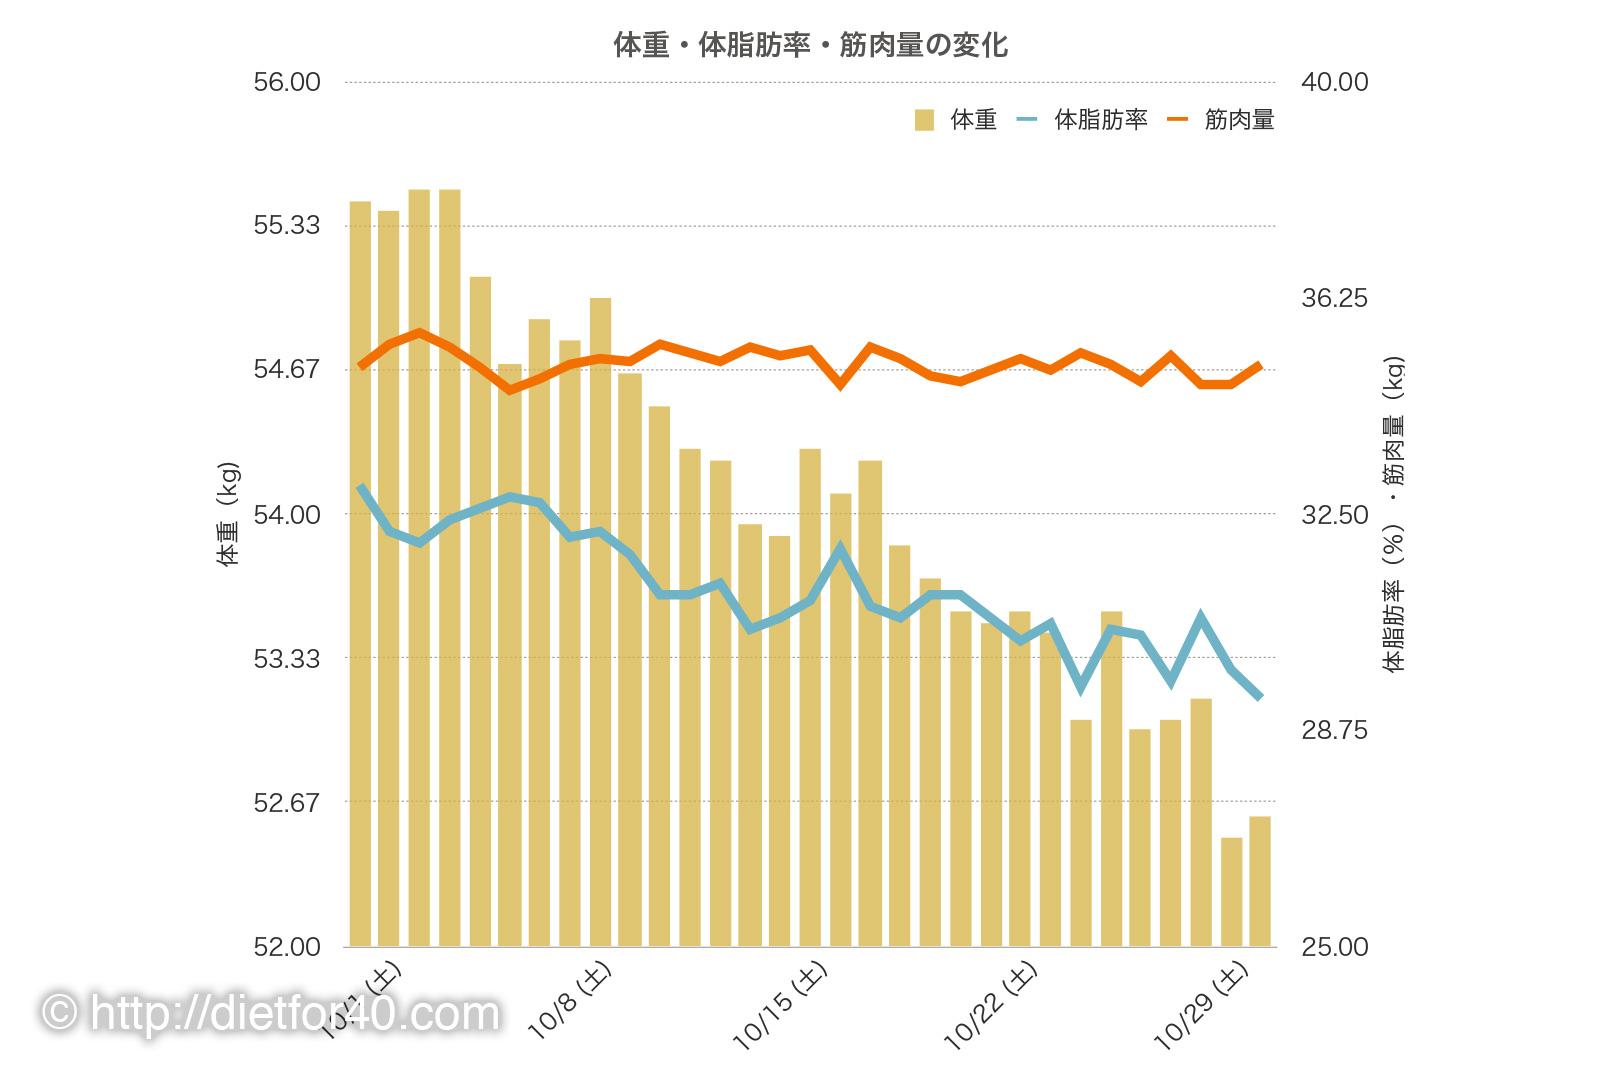 graph-kg